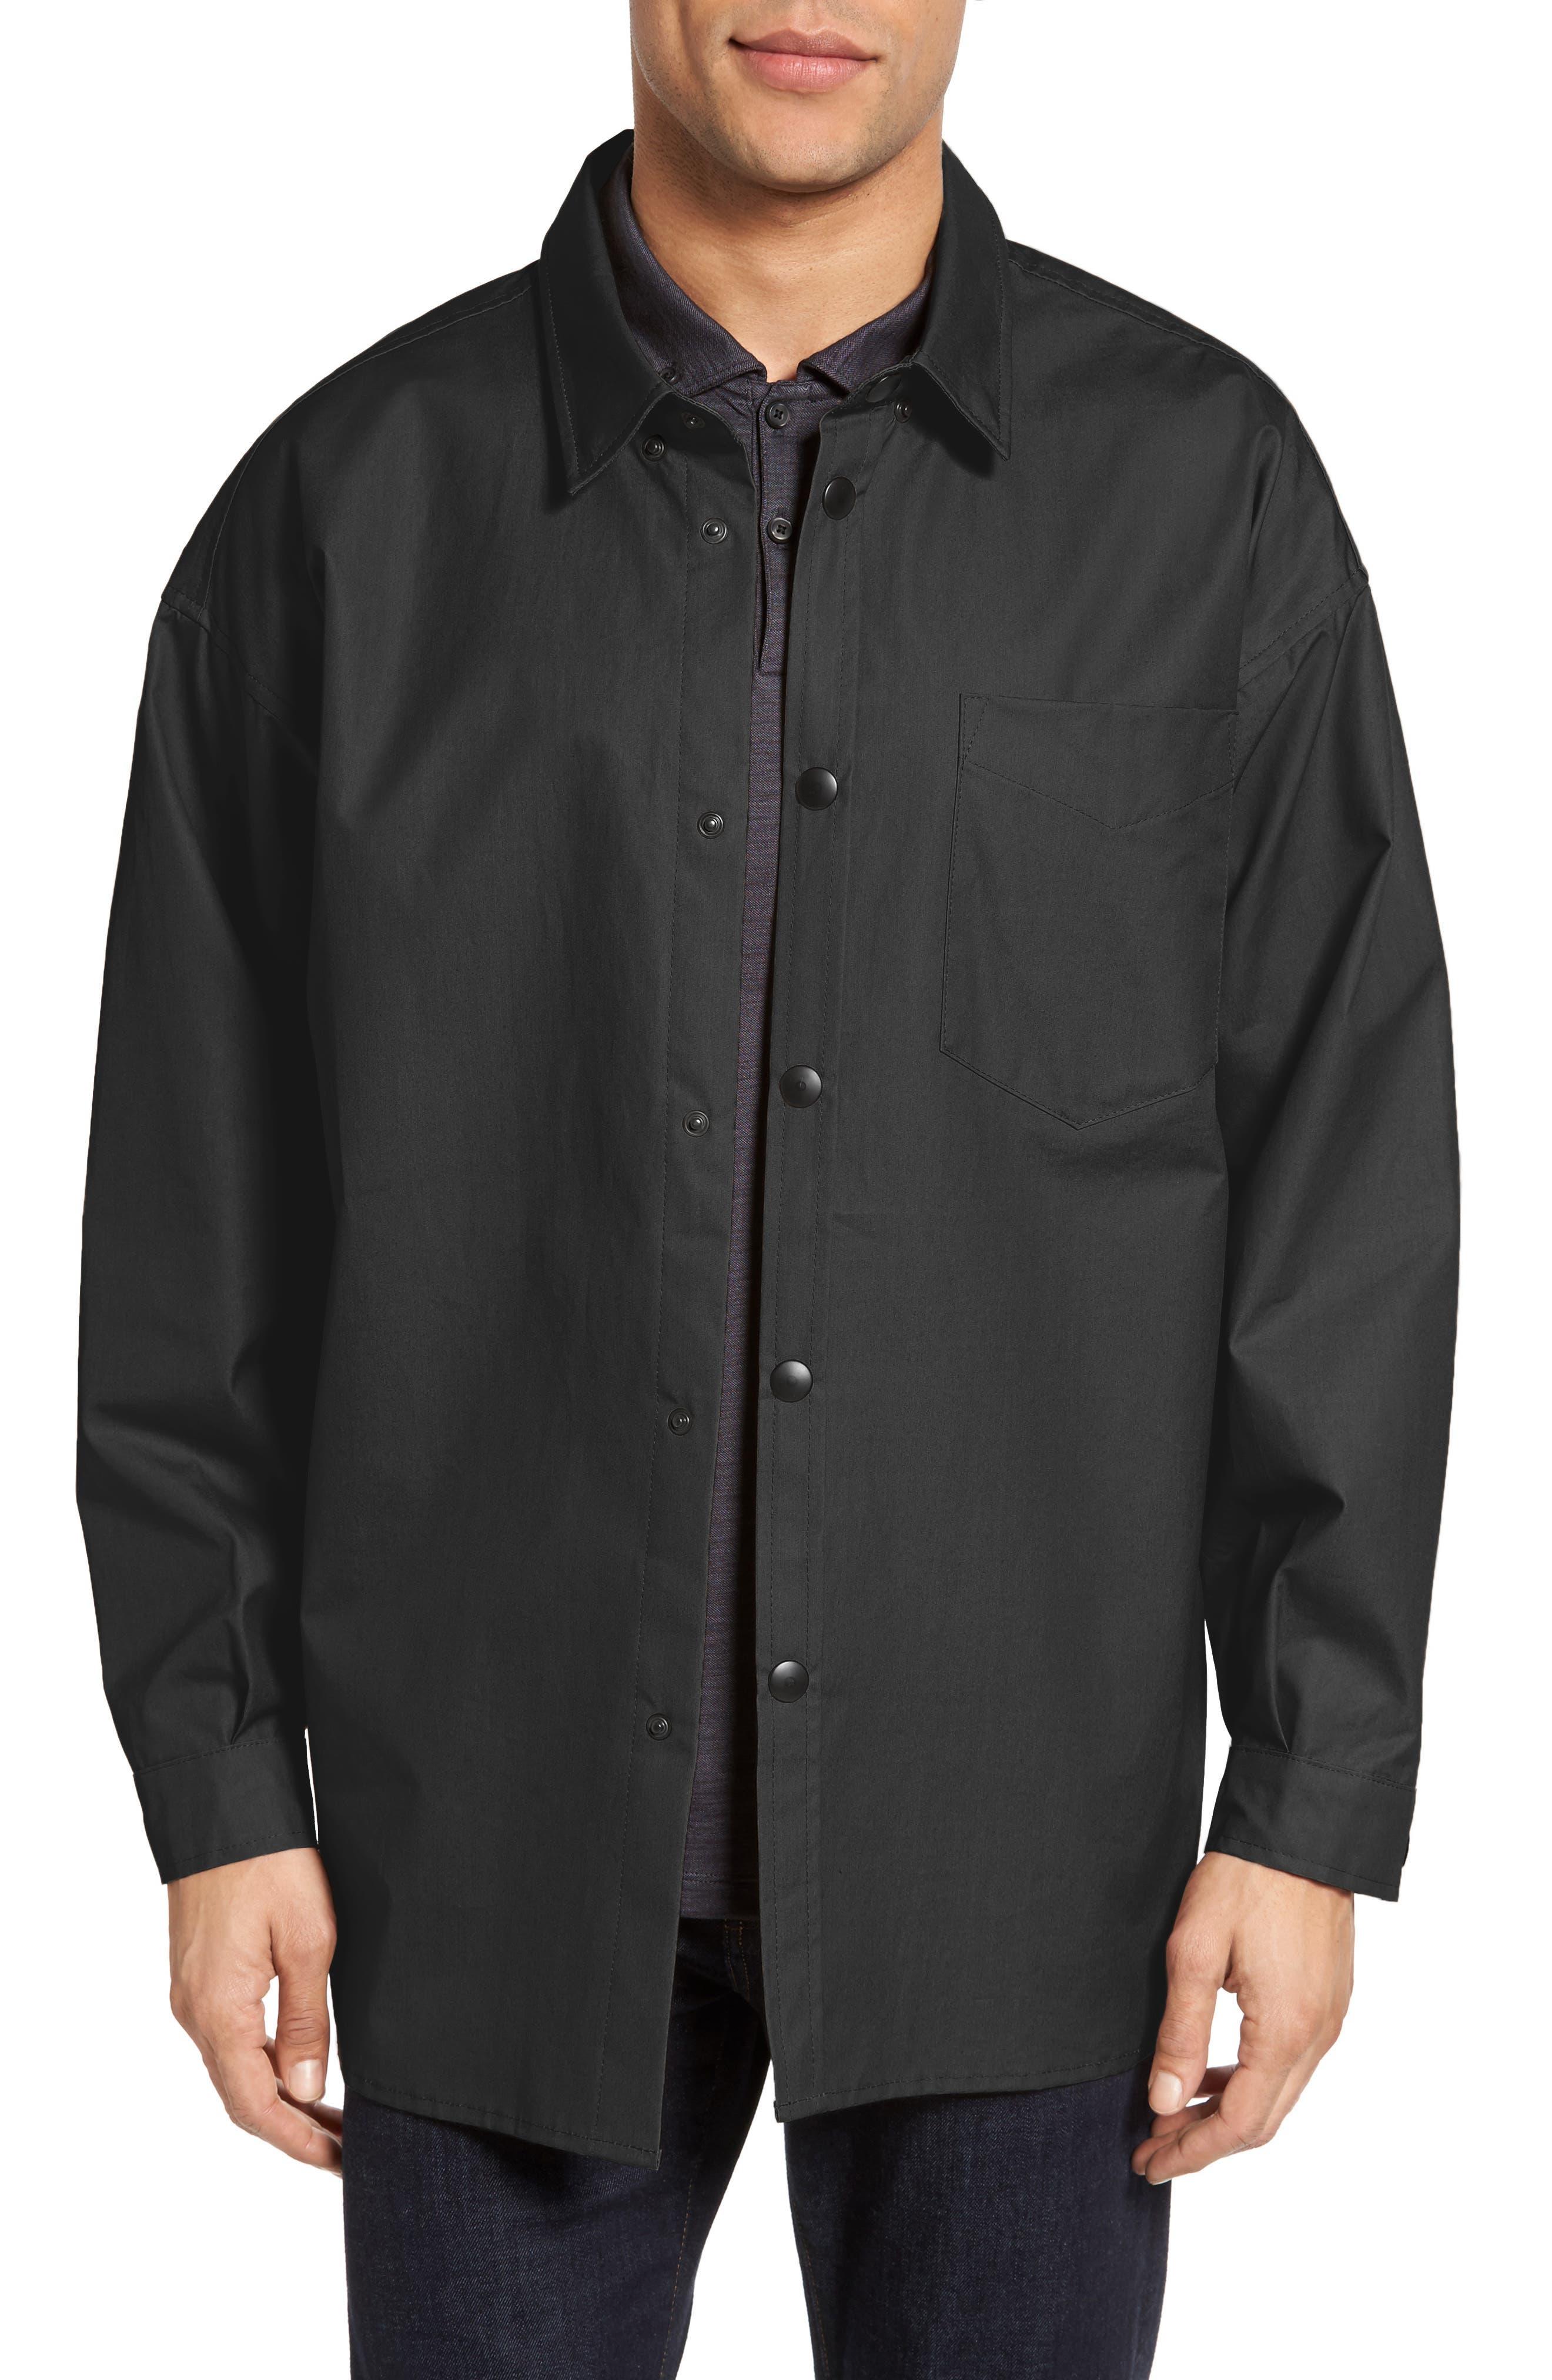 STUTTERHEIM Lerum Relaxed Fit Shirt Jacket, Main, color, 001